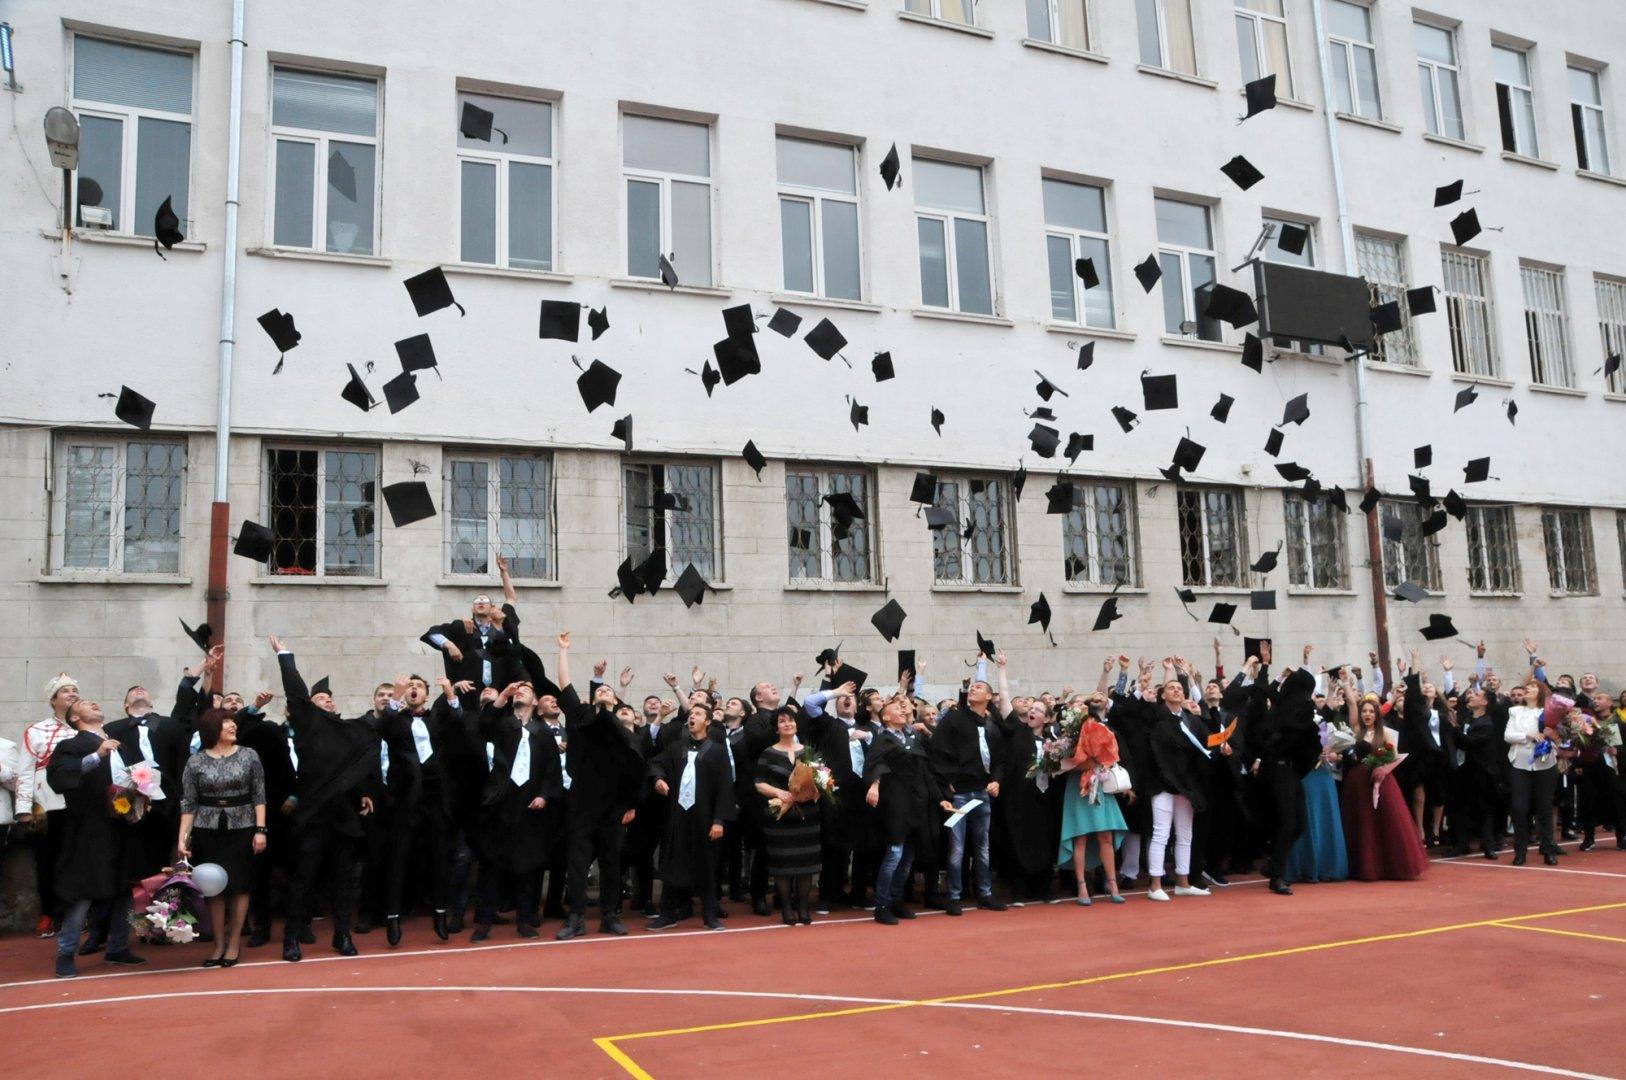 С хвърляне на шапките, абитуриентите се сбогуваха с любимото училище. Снимки Лина Главинова